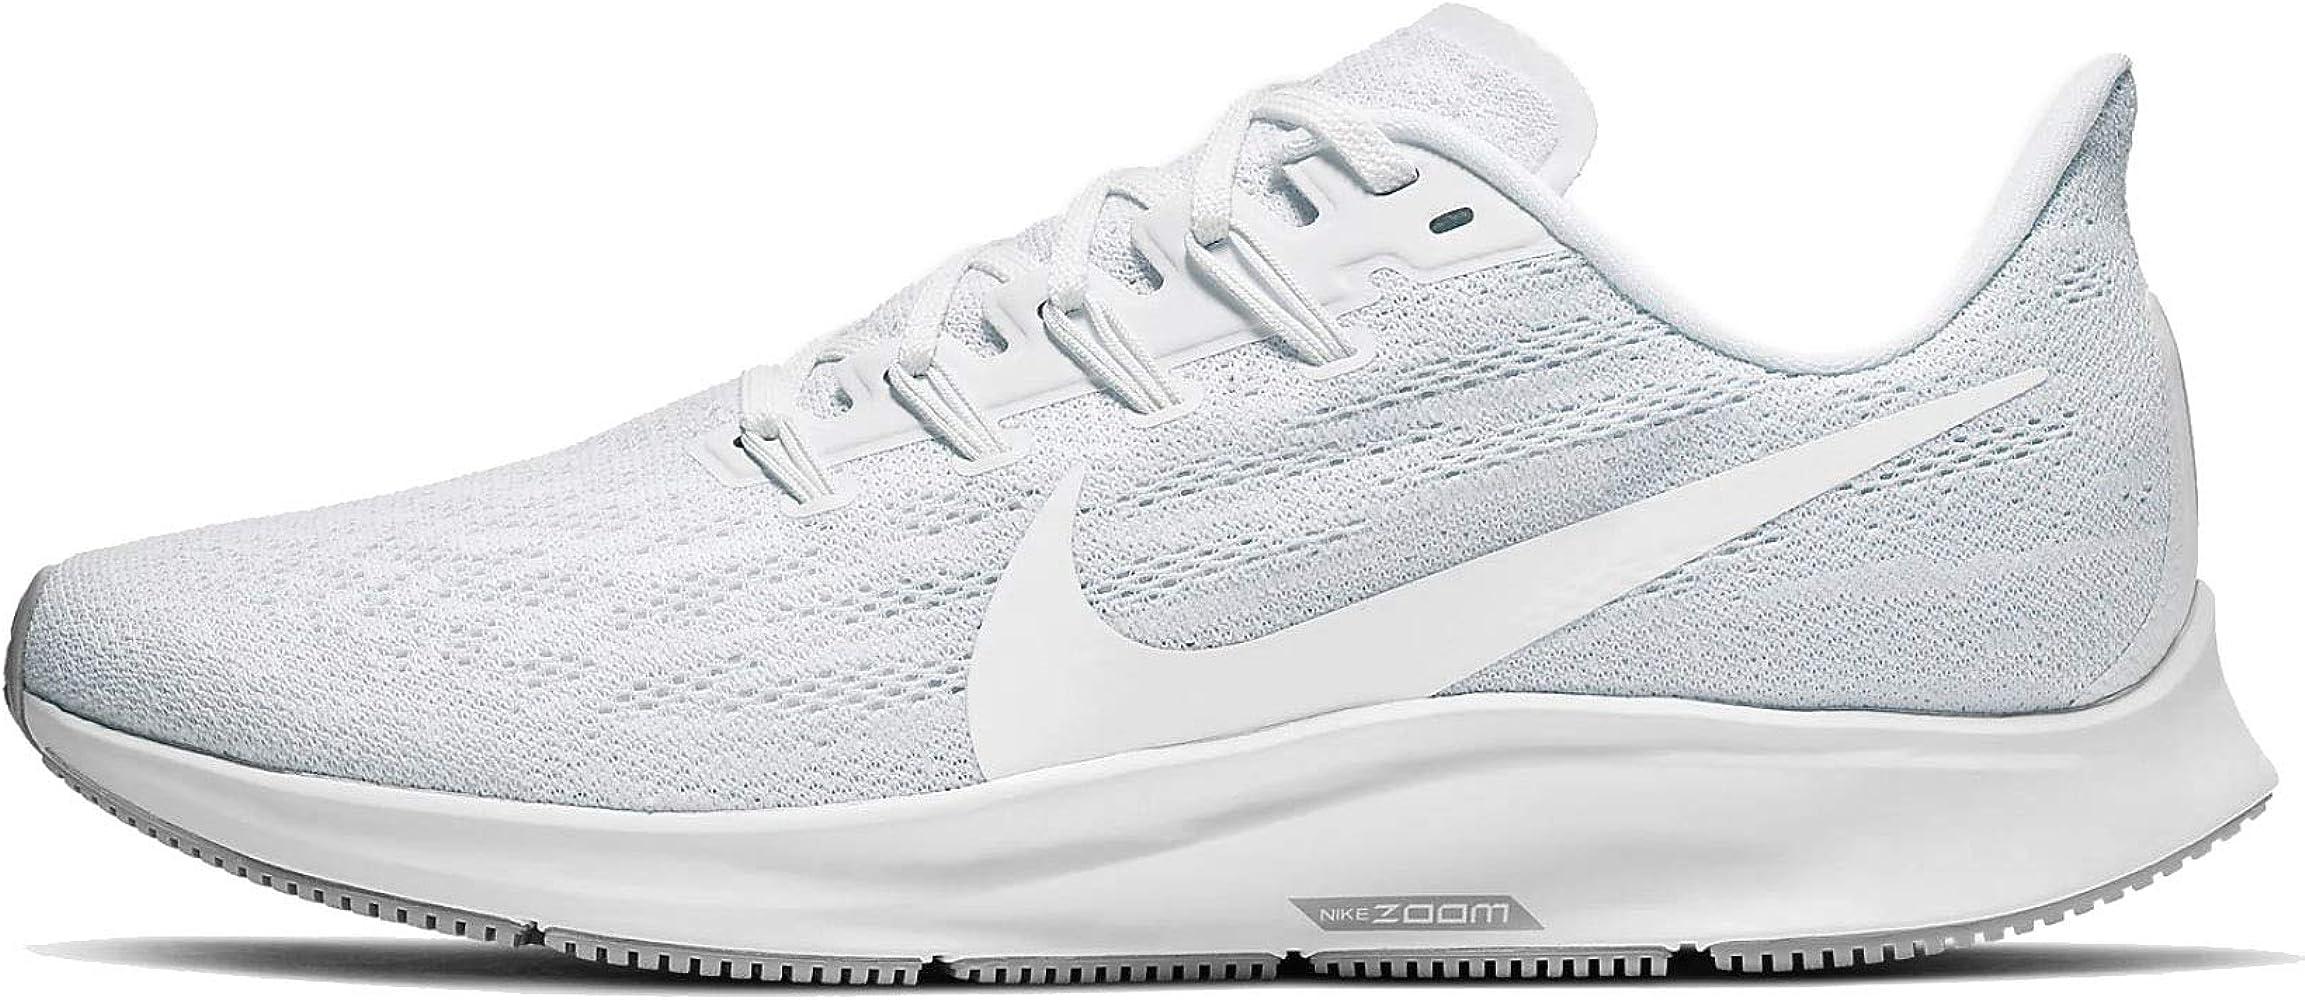 Nike Air Zoom Pegasus 36 Tb Bv1773-100 para hombre, Blanco ...